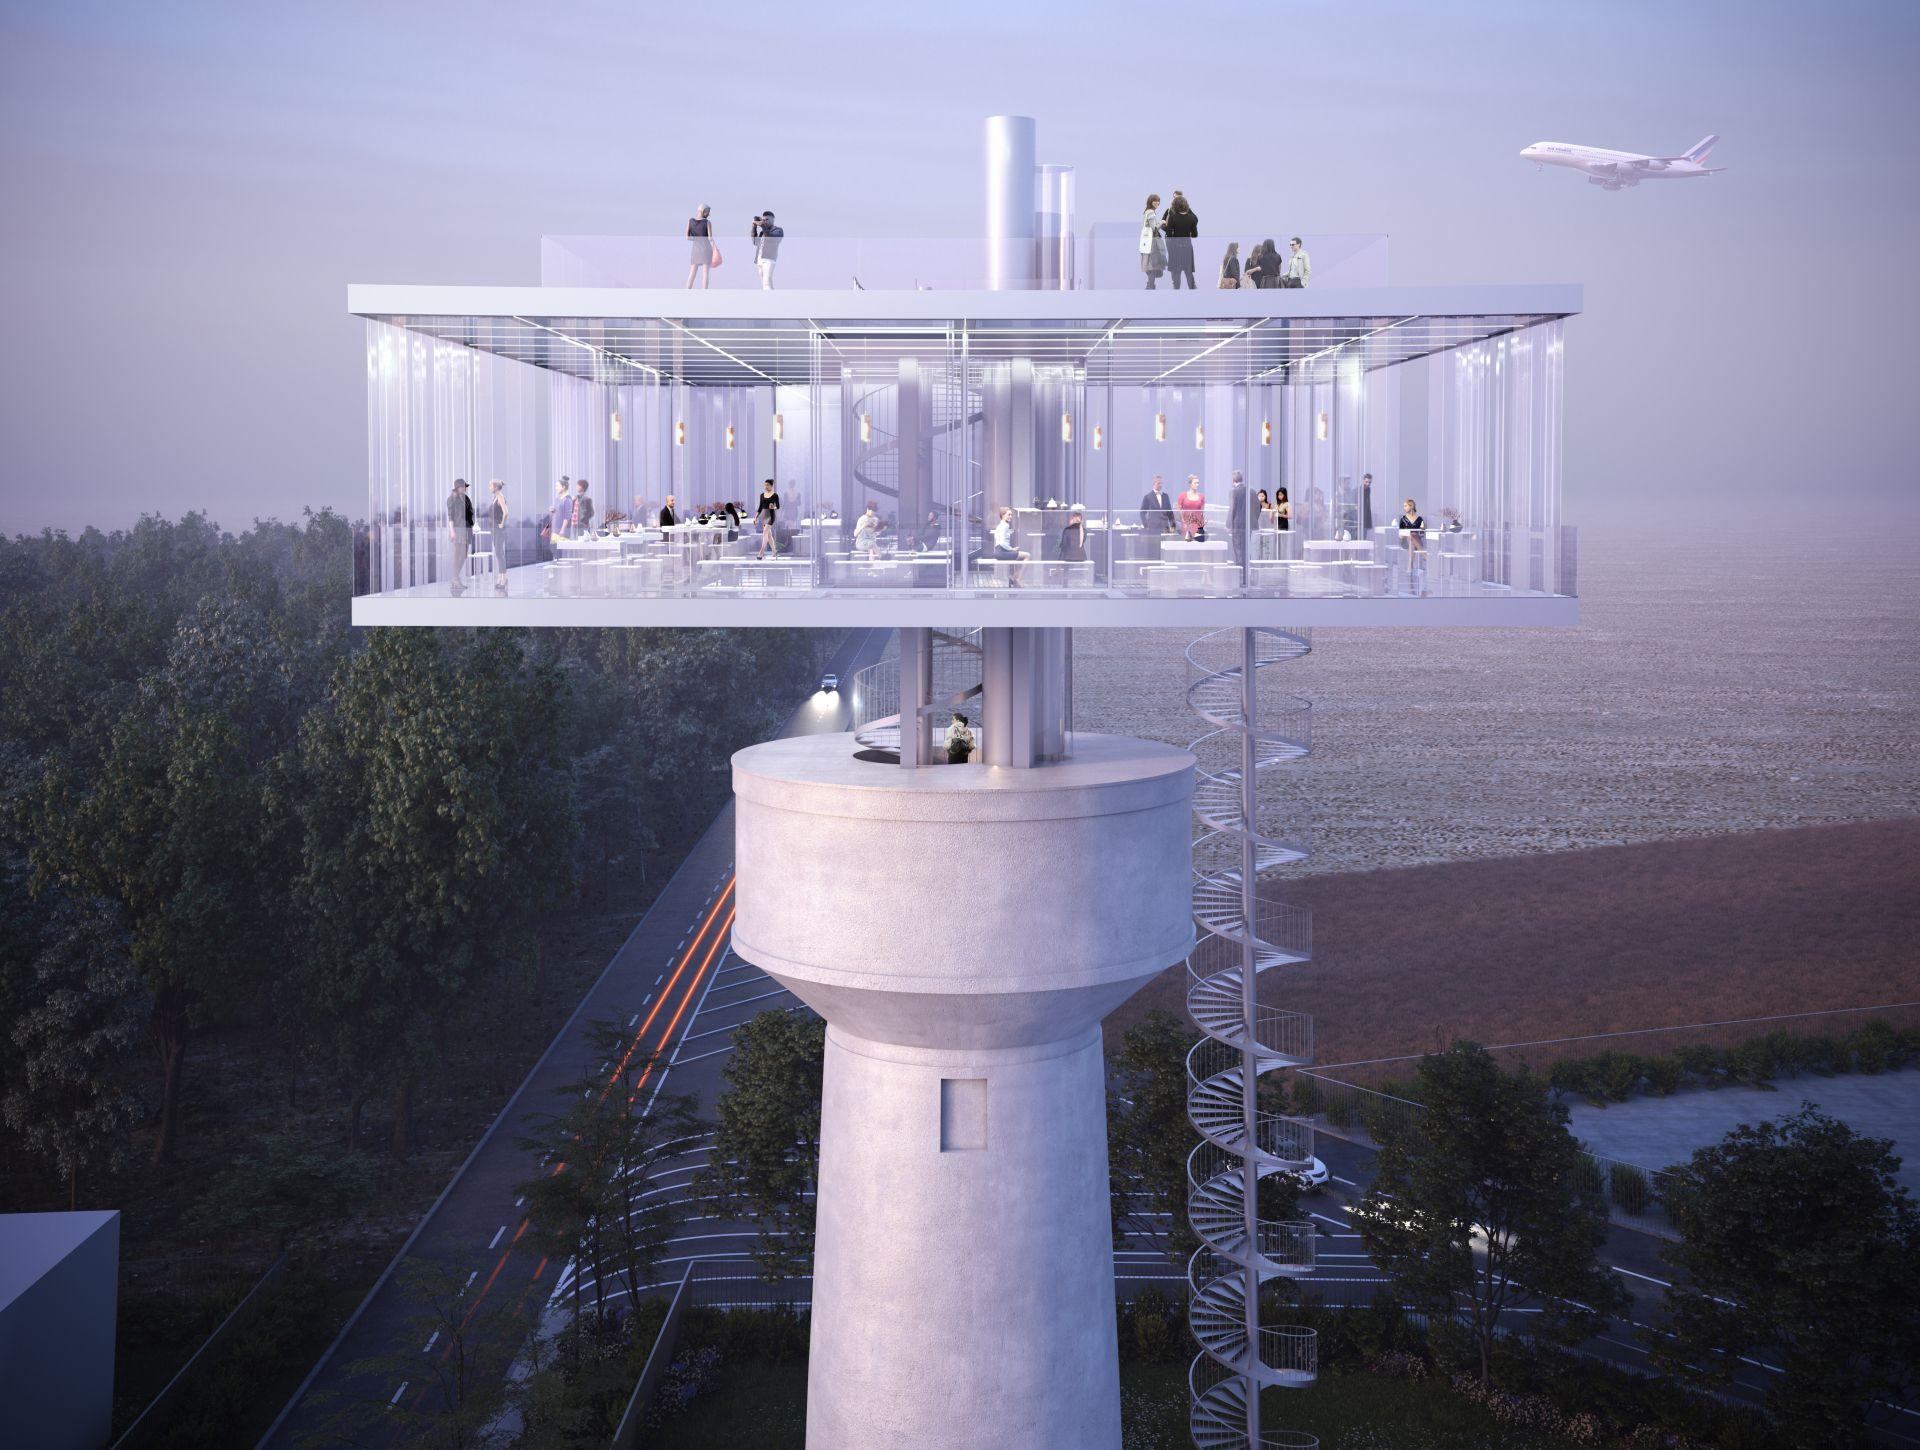 Supervue duron architecture eqt restaurant panoramique Medium